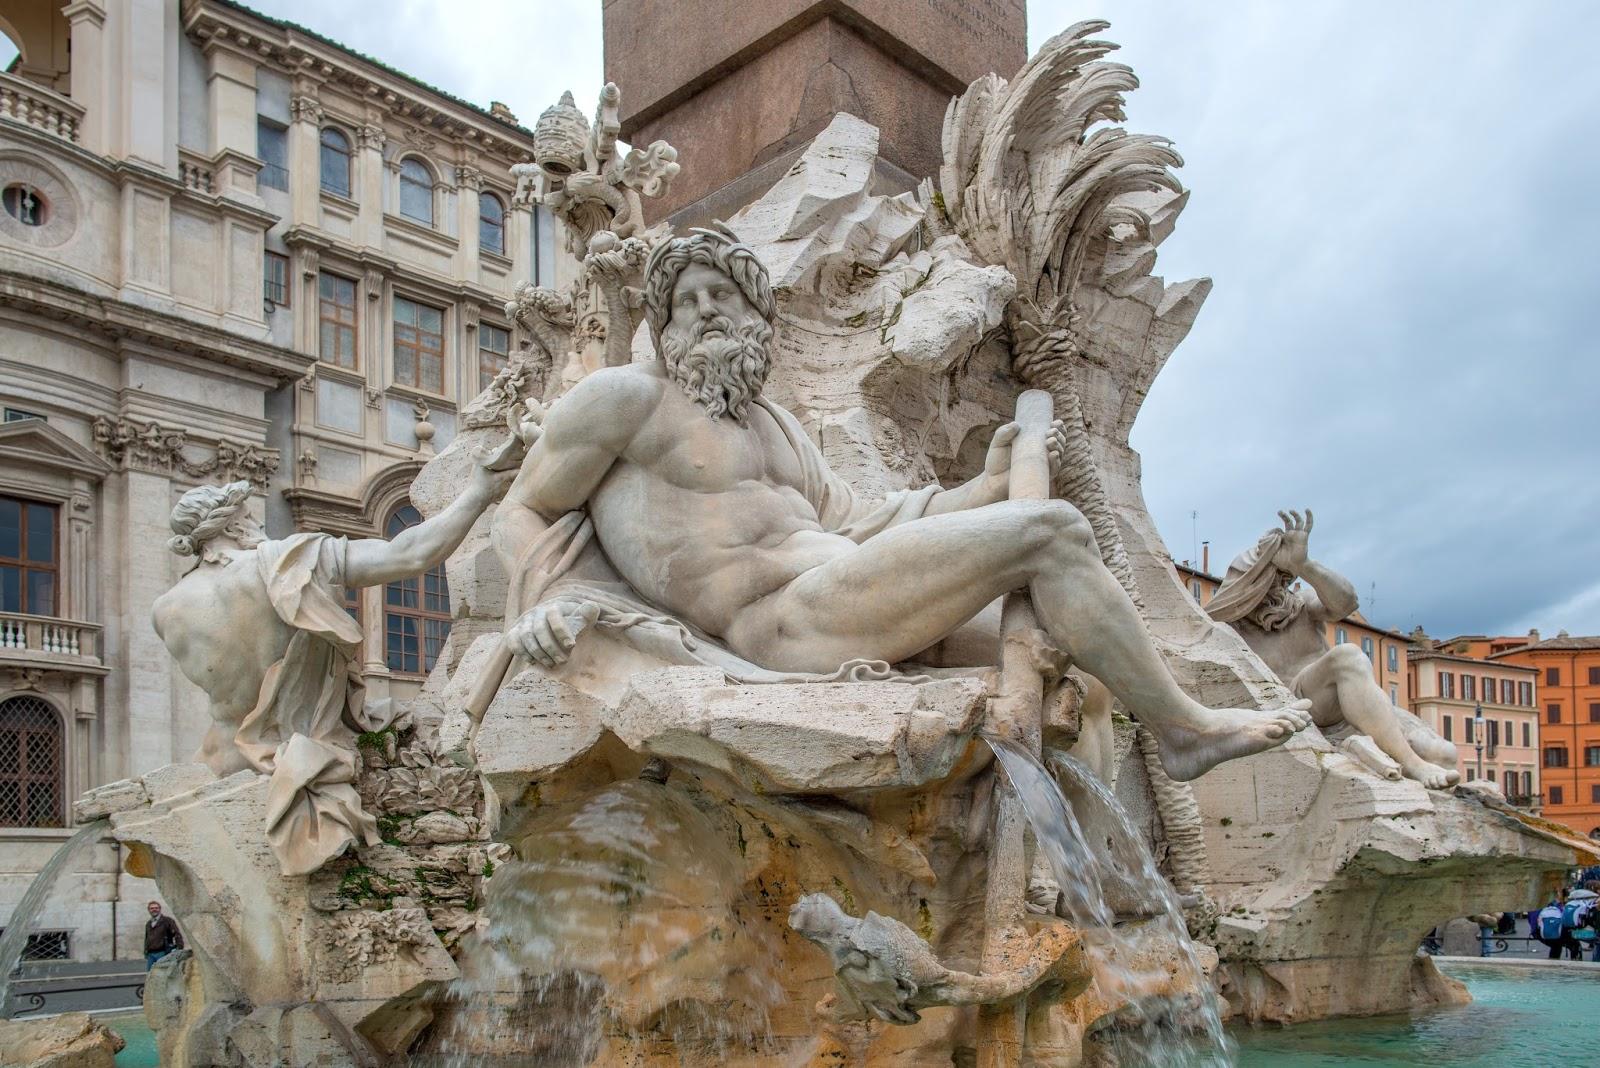 Viaggio nel Seicento: sulle orme di Caravaggio, Bernini e Borromini